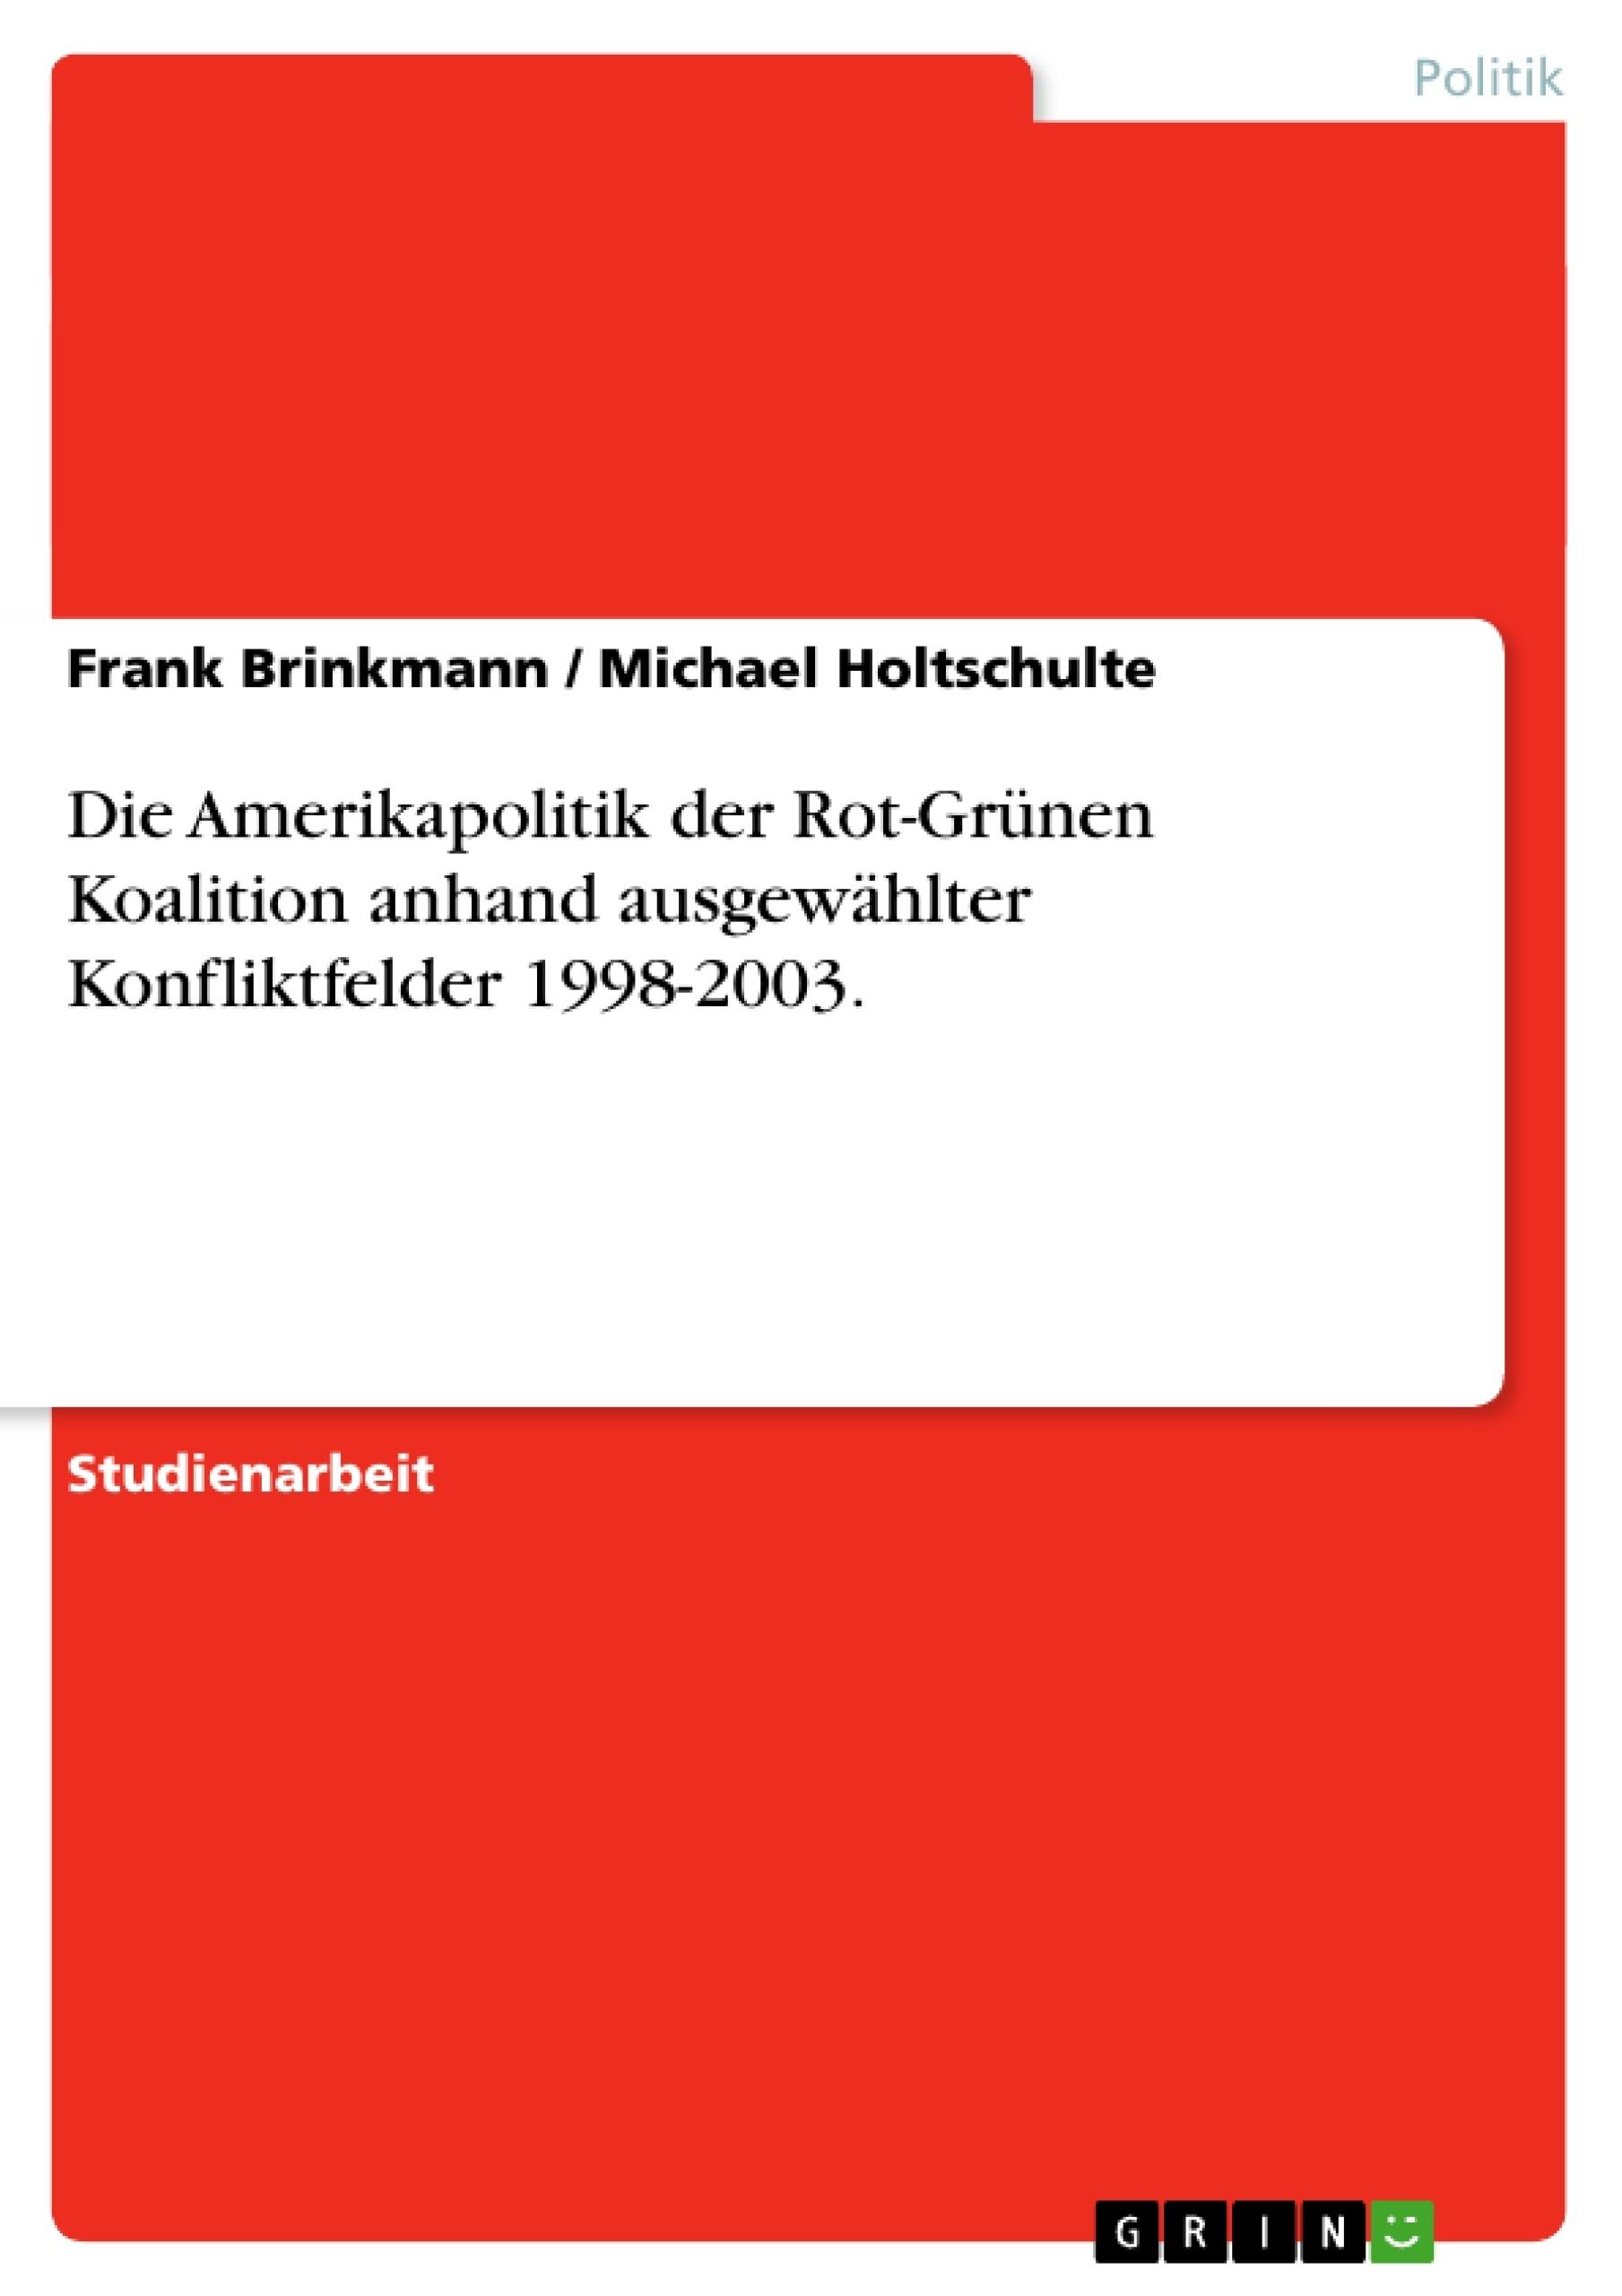 Titel: Die Amerikapolitik der Rot-Grünen Koalition anhand ausgewählter Konfliktfelder 1998-2003.